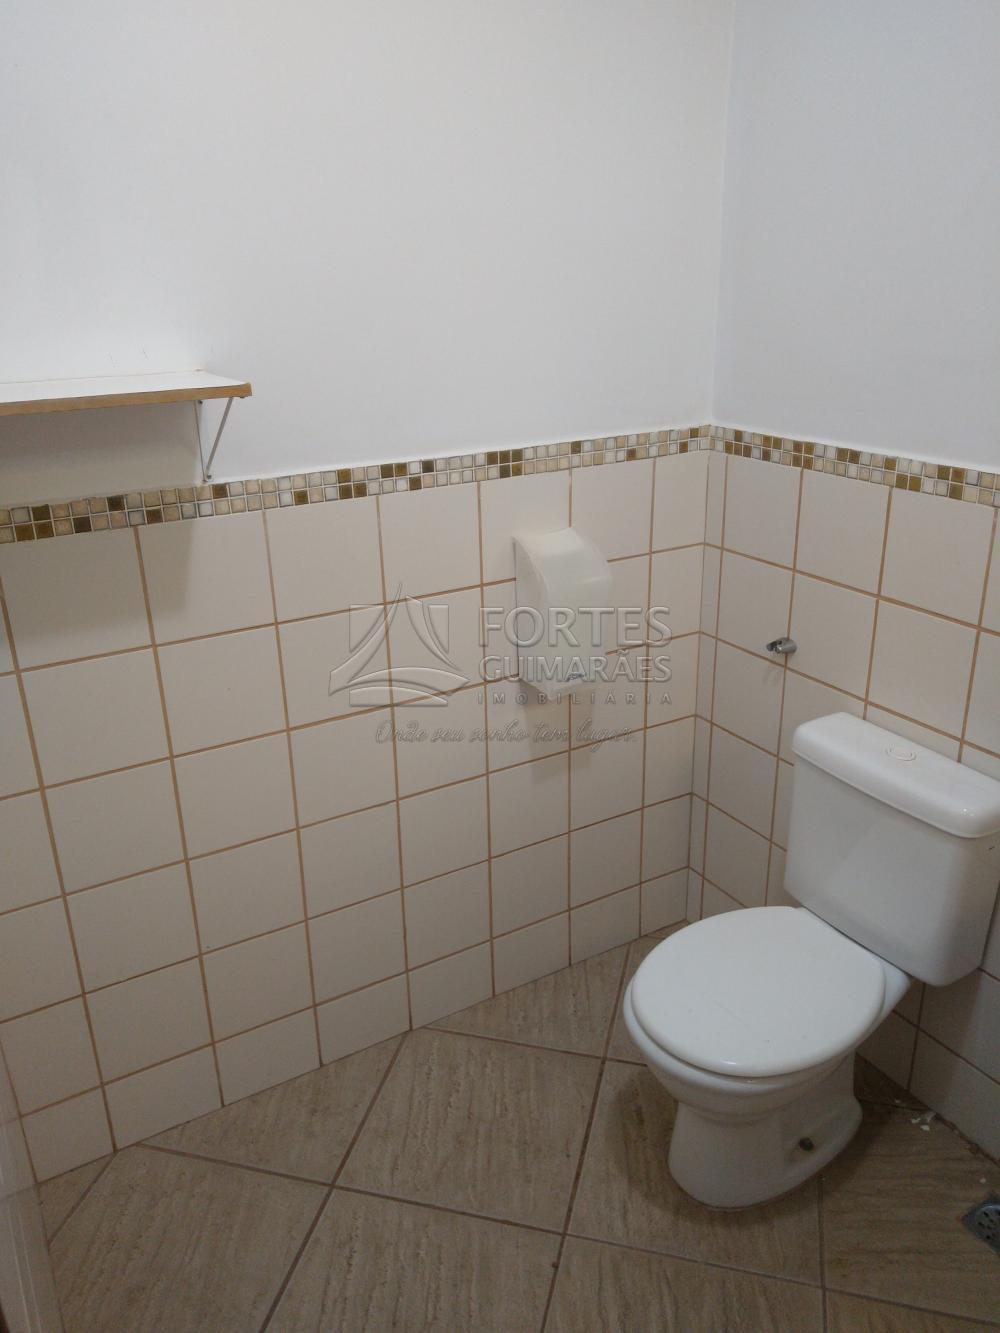 Alugar Comercial / Imóvel Comercial em Ribeirão Preto apenas R$ 12.000,00 - Foto 52